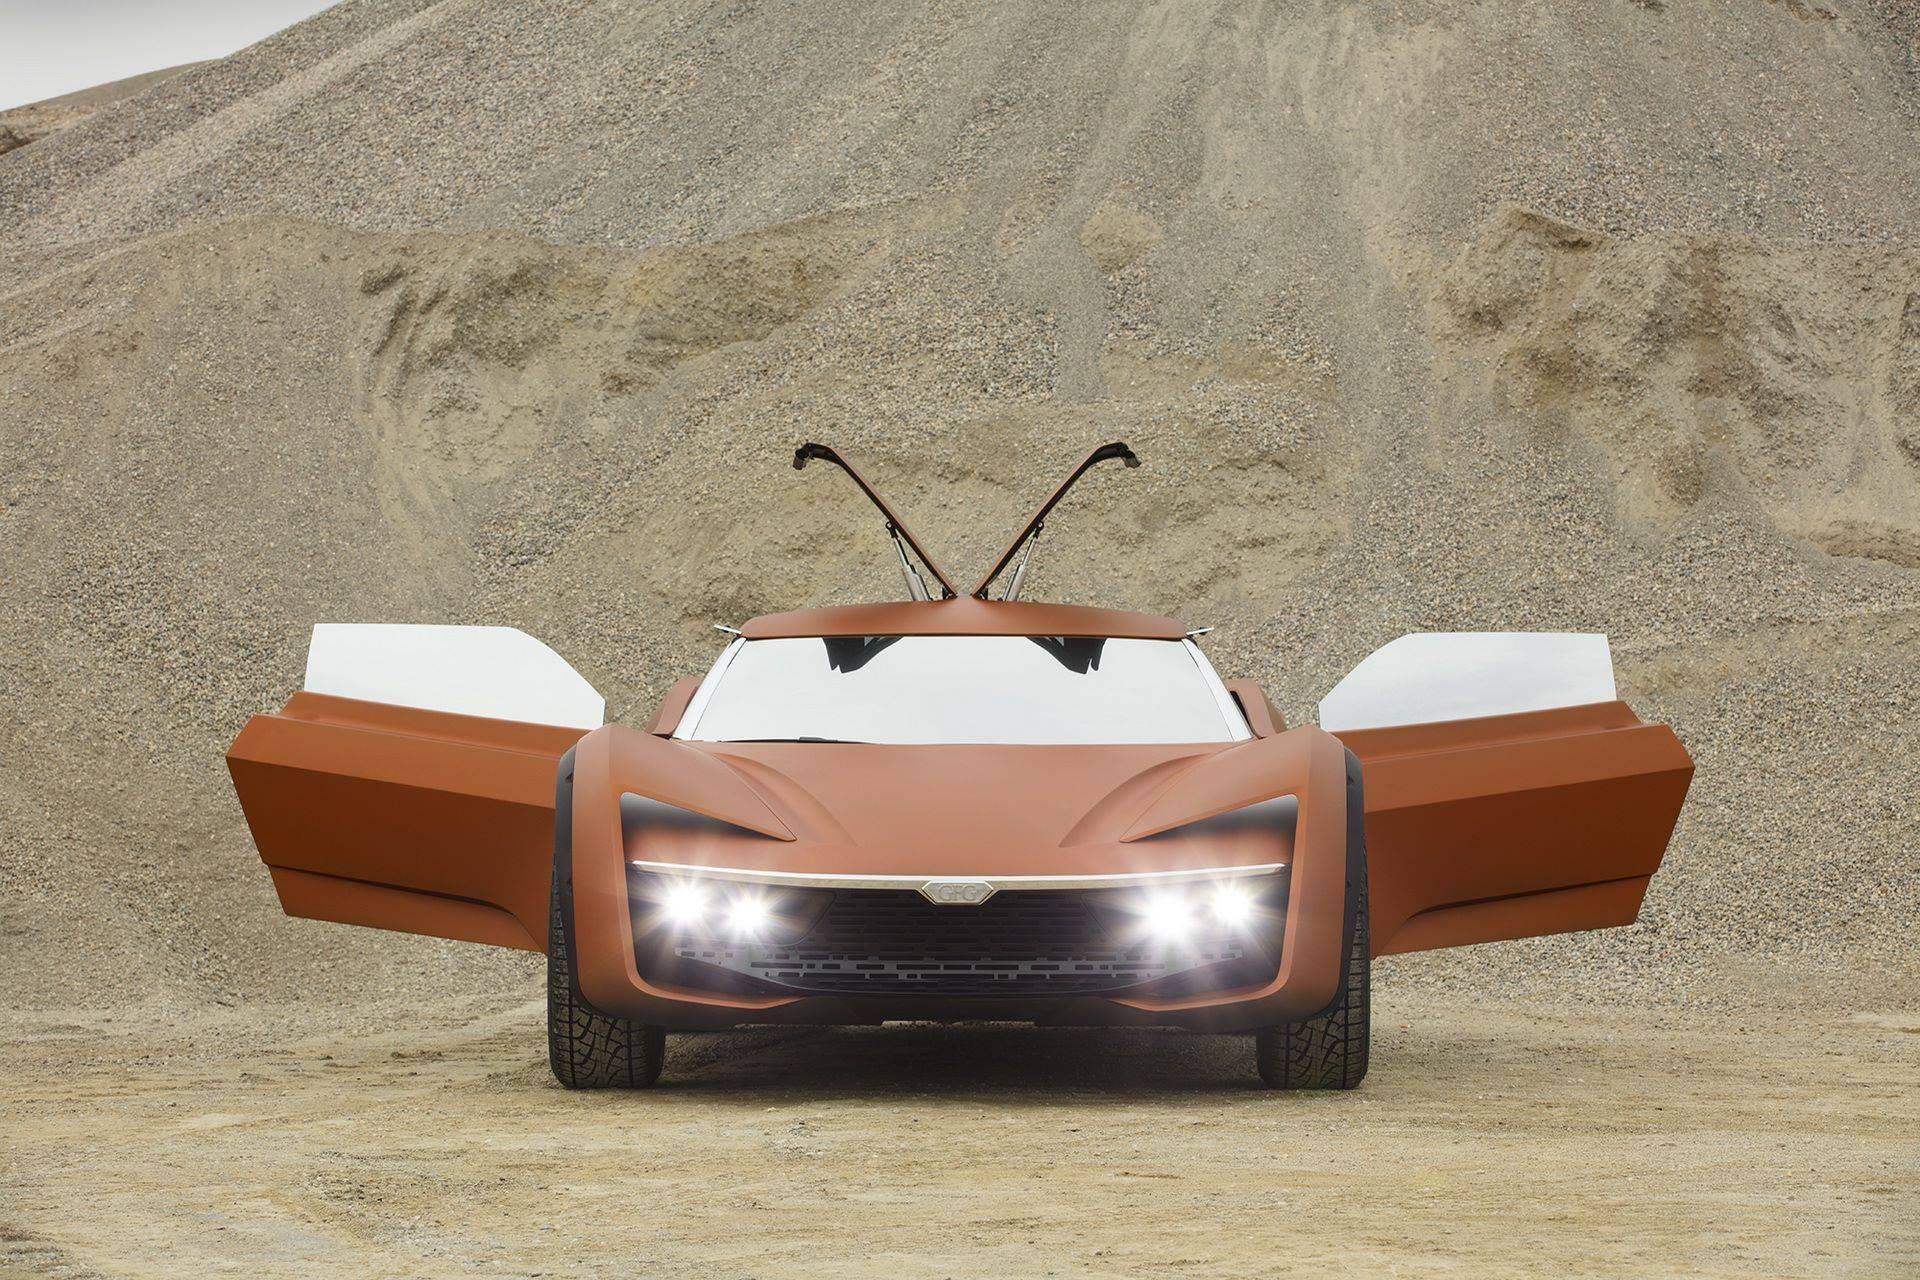 gfg-style-vision-2030-desert-raid-6